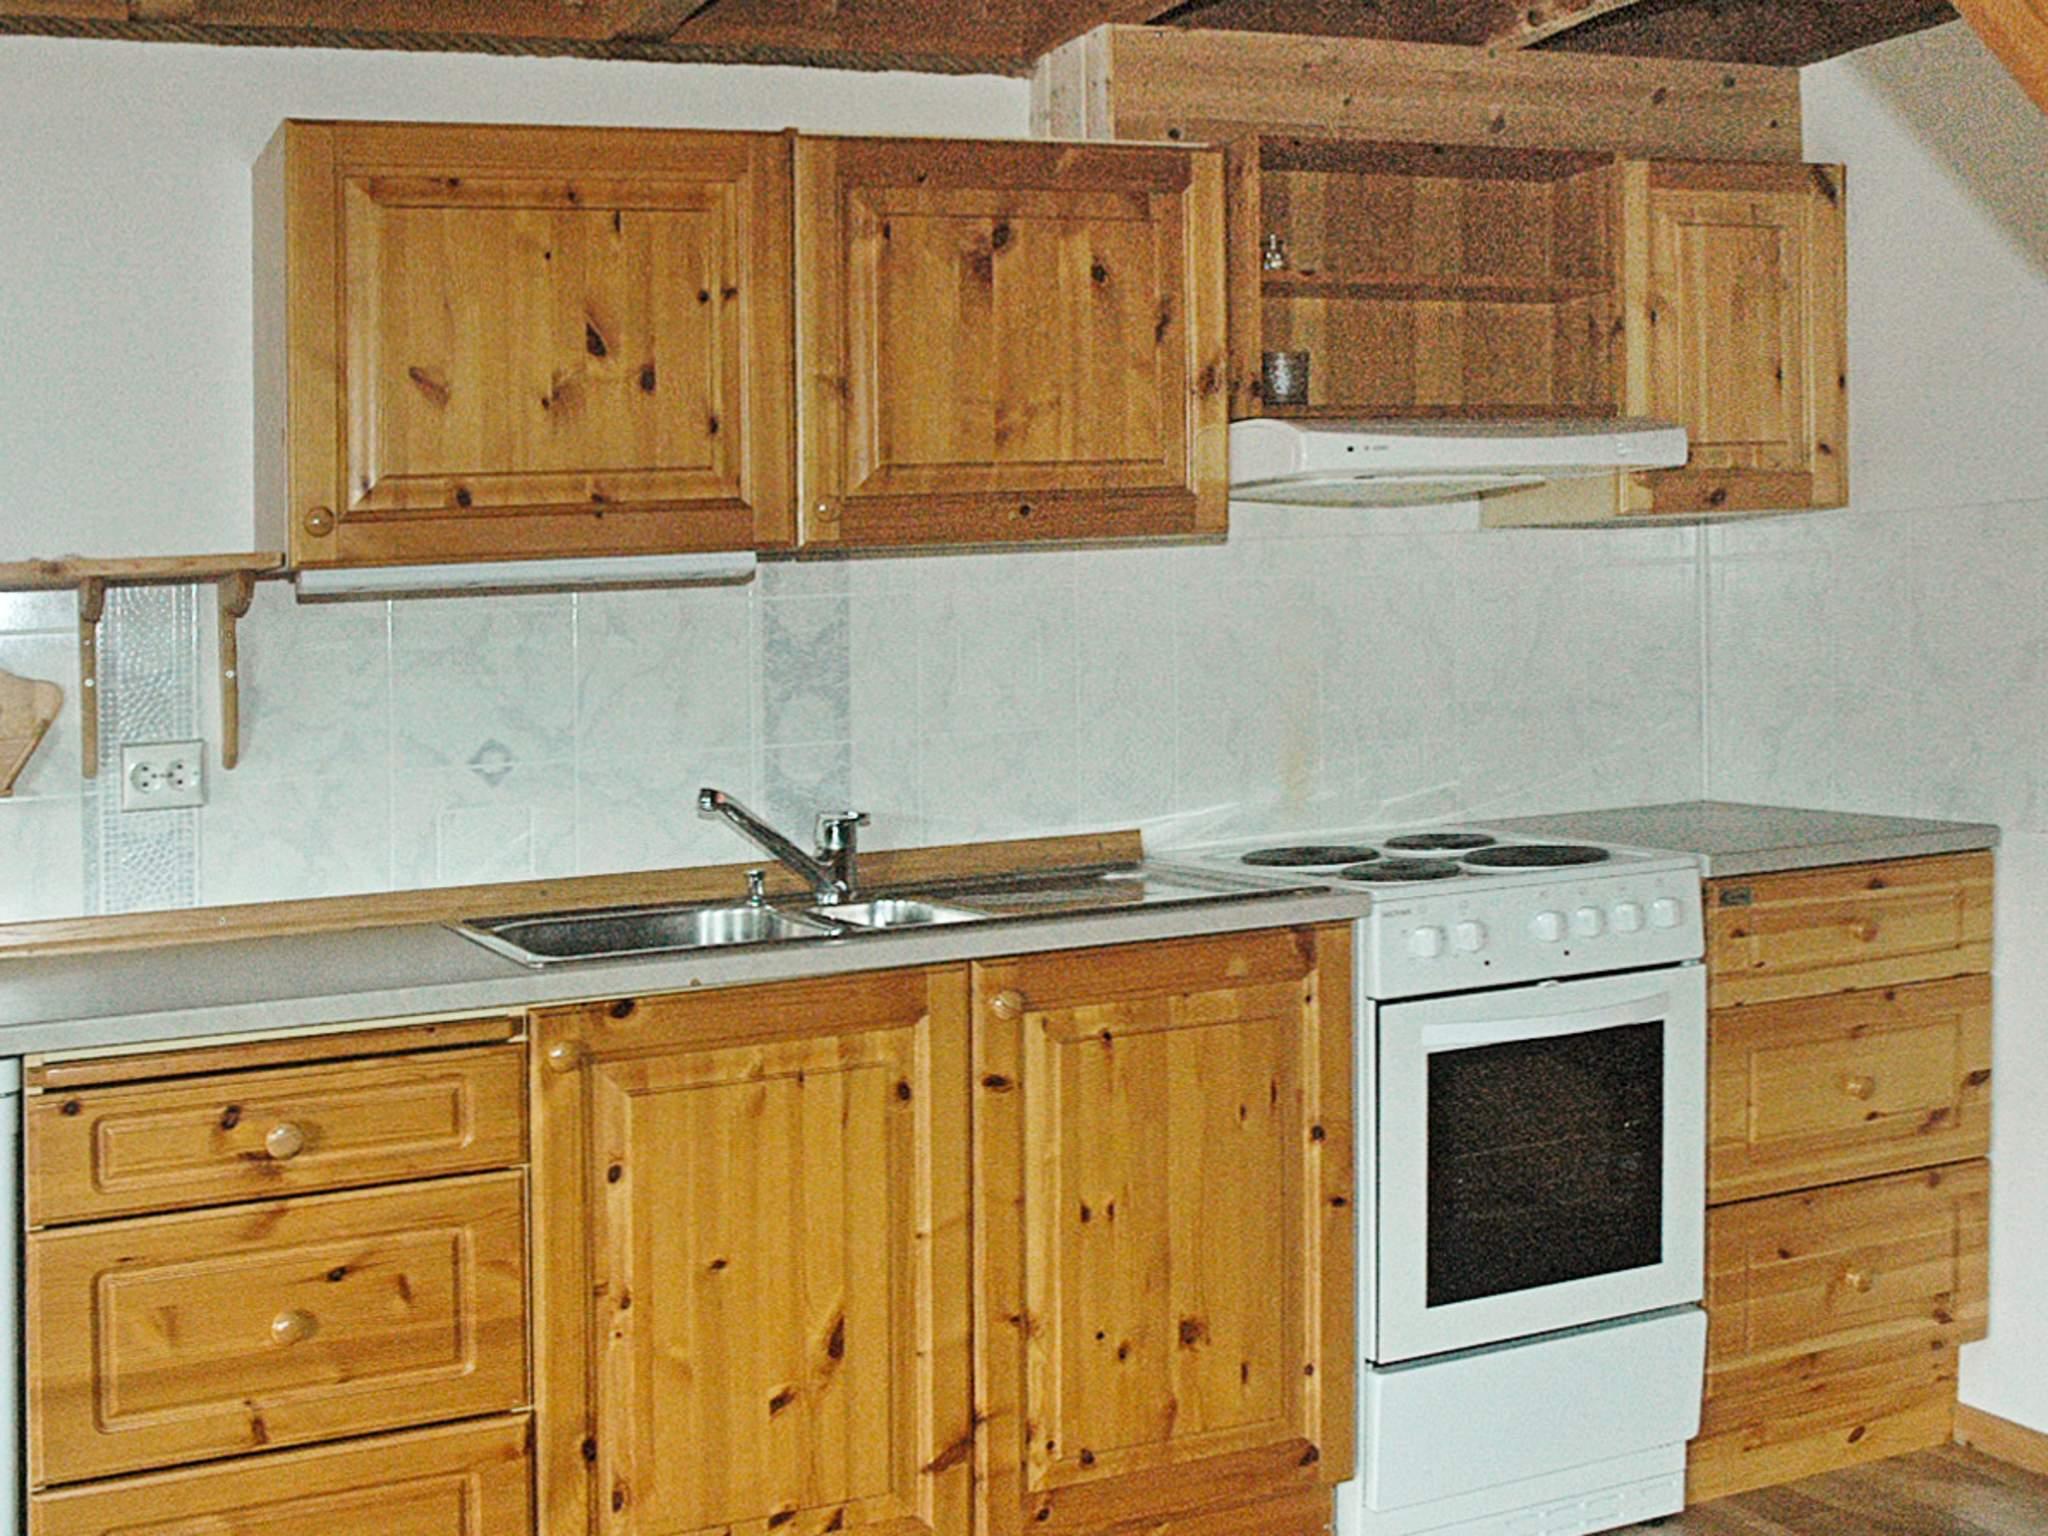 Ferienhaus Haugsbygda (921094), Haugsbygda, More - Romsdal, Westnorwegen, Norwegen, Bild 4